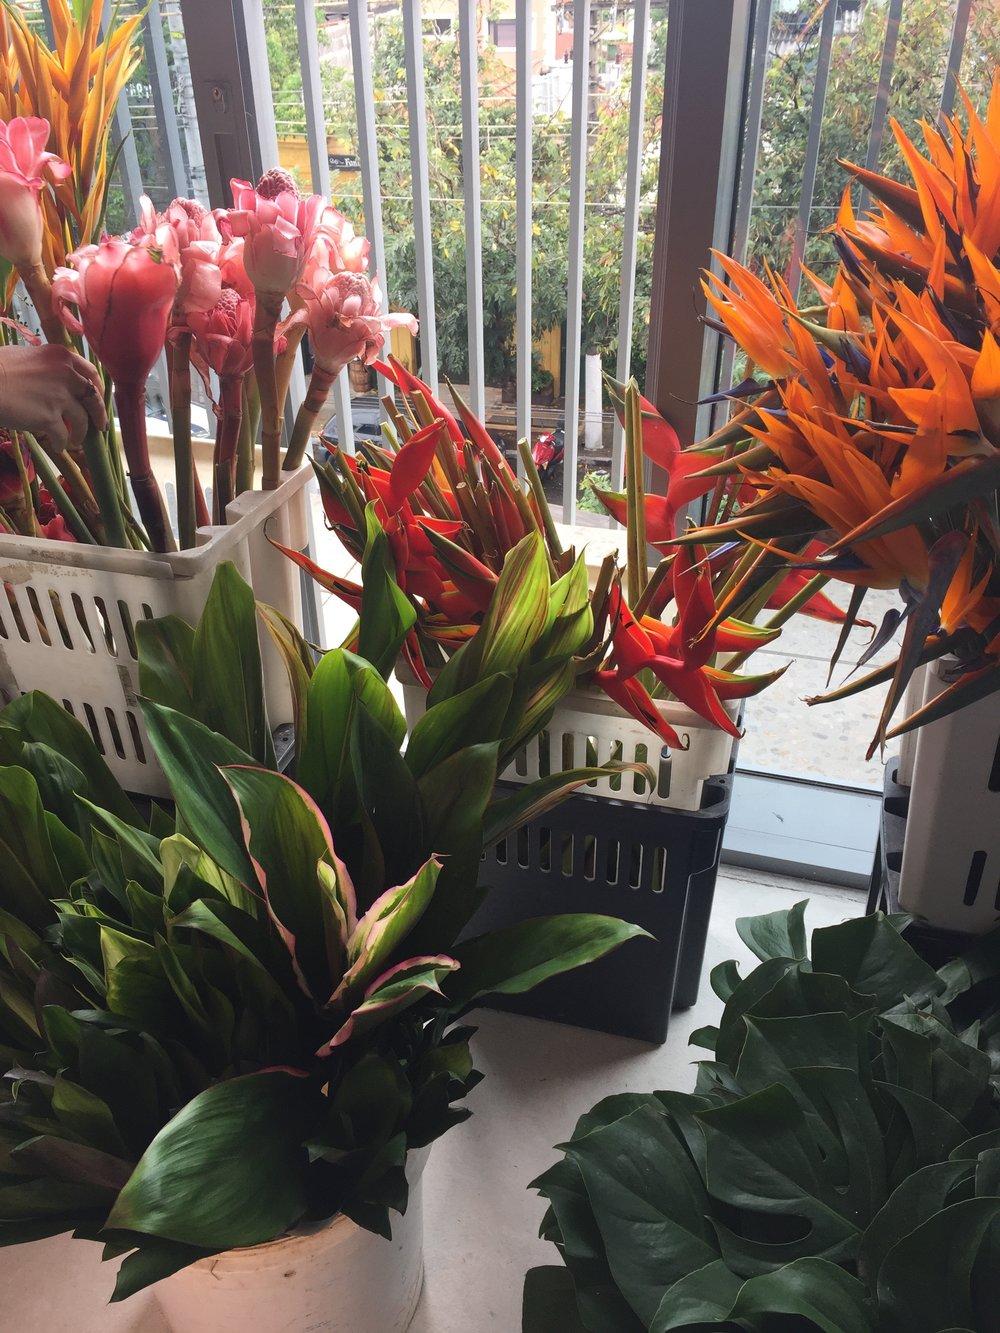 Flores tropicais devem ser banhadas antes de serem utilizadas nos arranjos. E o caule deve ser cortado dentro d'água para que o ar saia e a água entre.